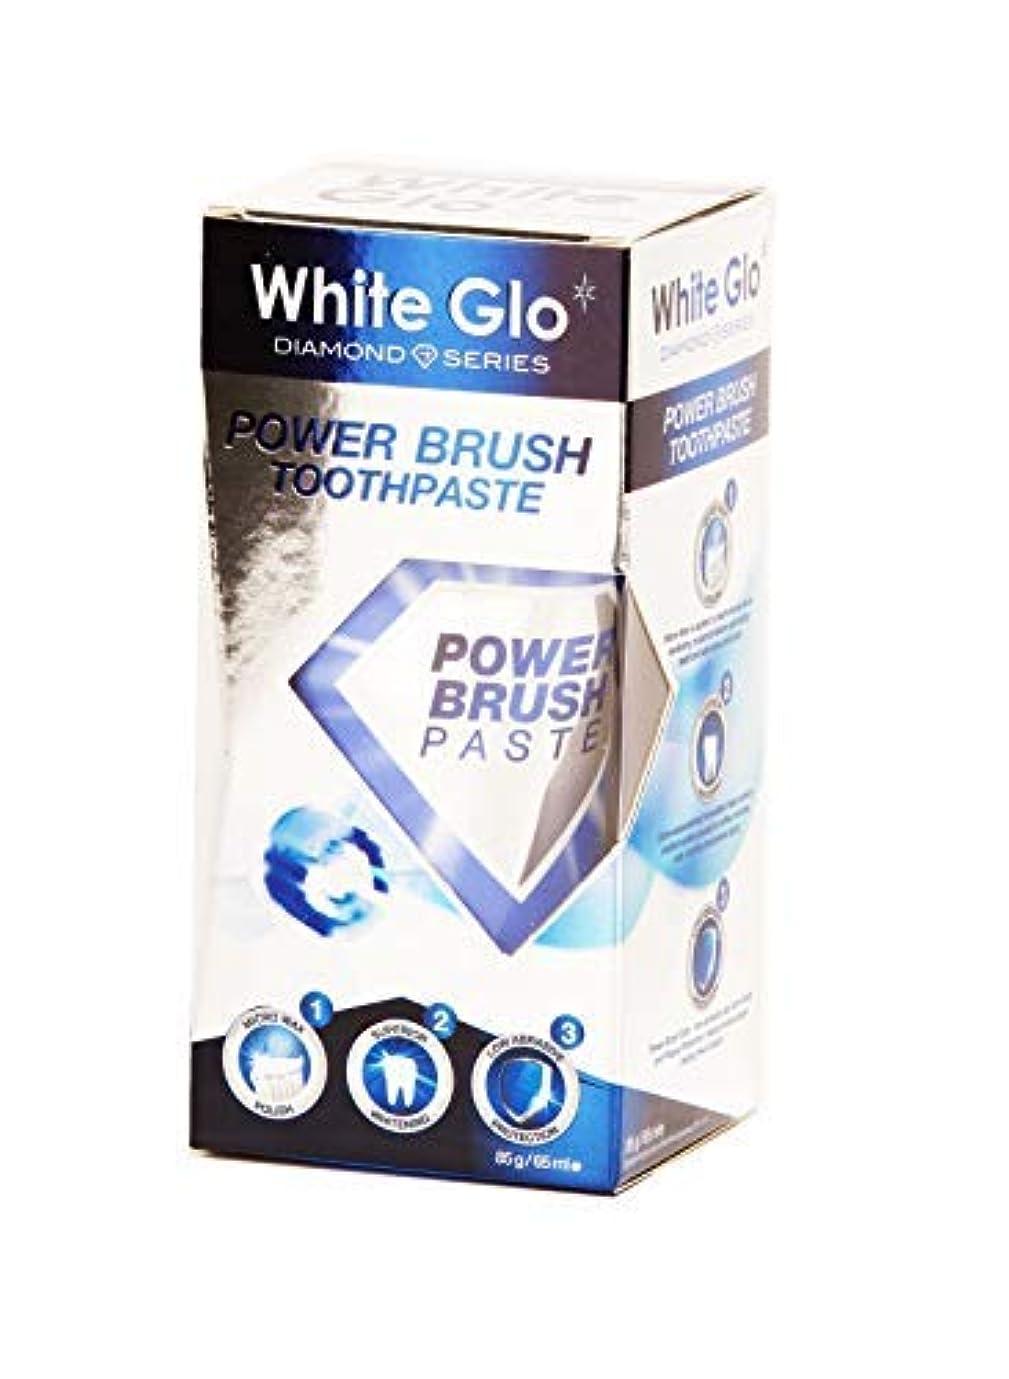 ドック減衰換気するTeeth Whitening Systems White Glo Electric Powerbrush Whitening Toothpaste 85g Australia / 歯磨き粉85gオーストラリアを白くする...